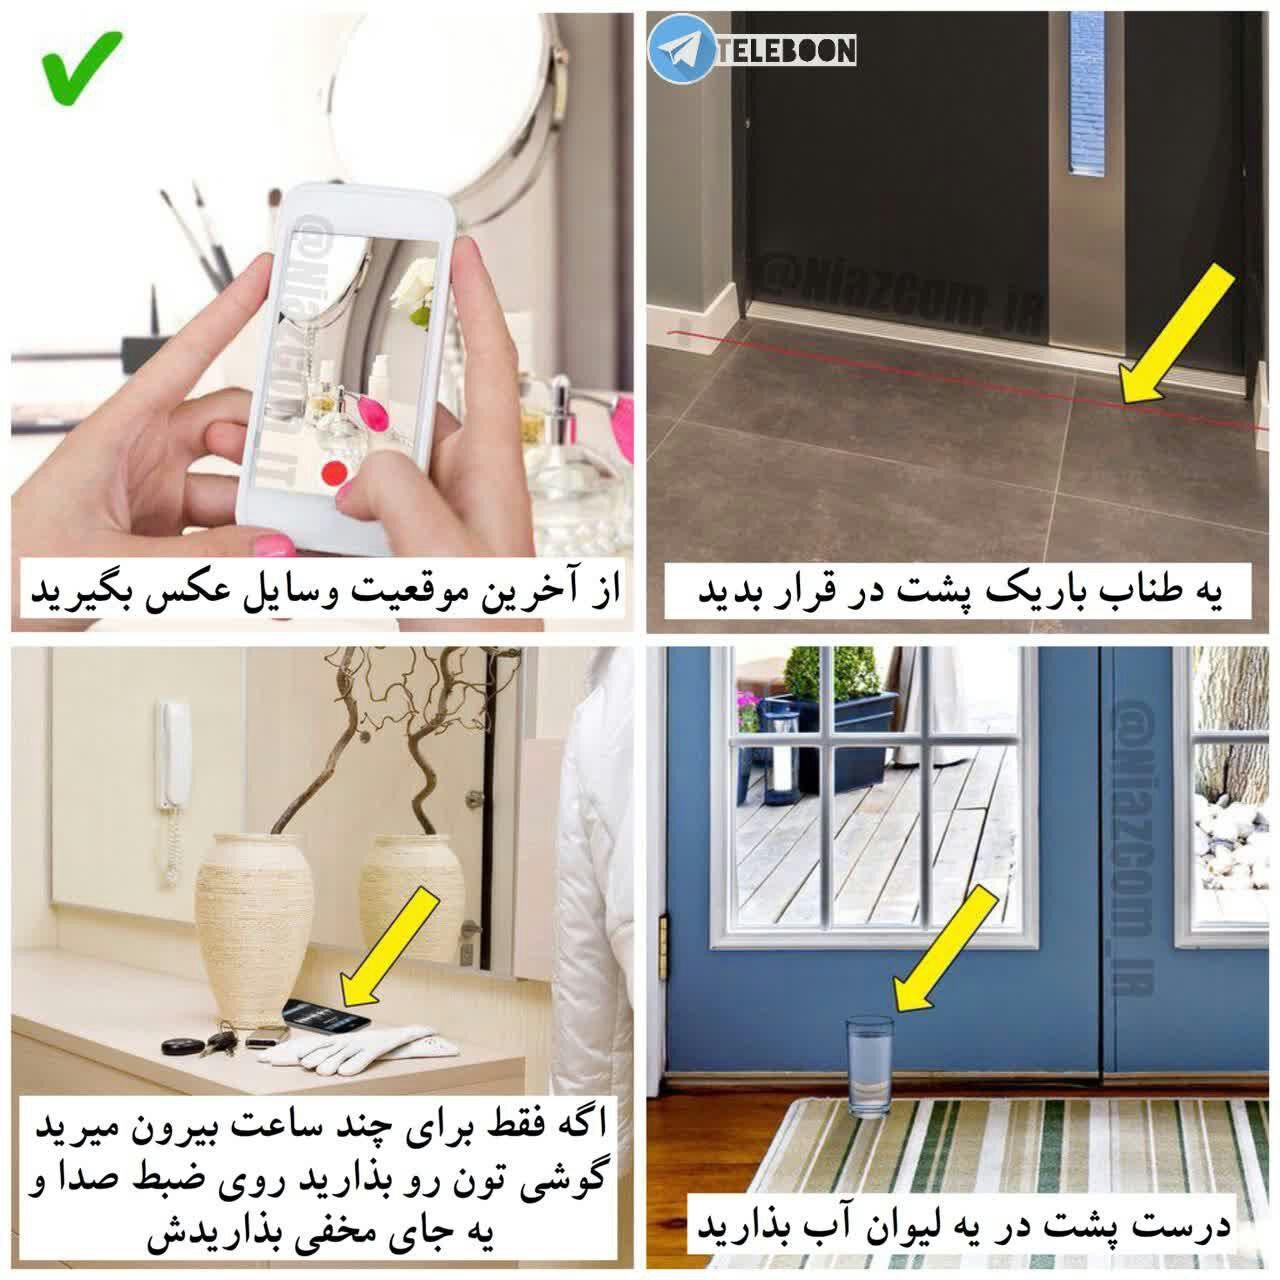 ترفند جالب برای حفاظت از خانه